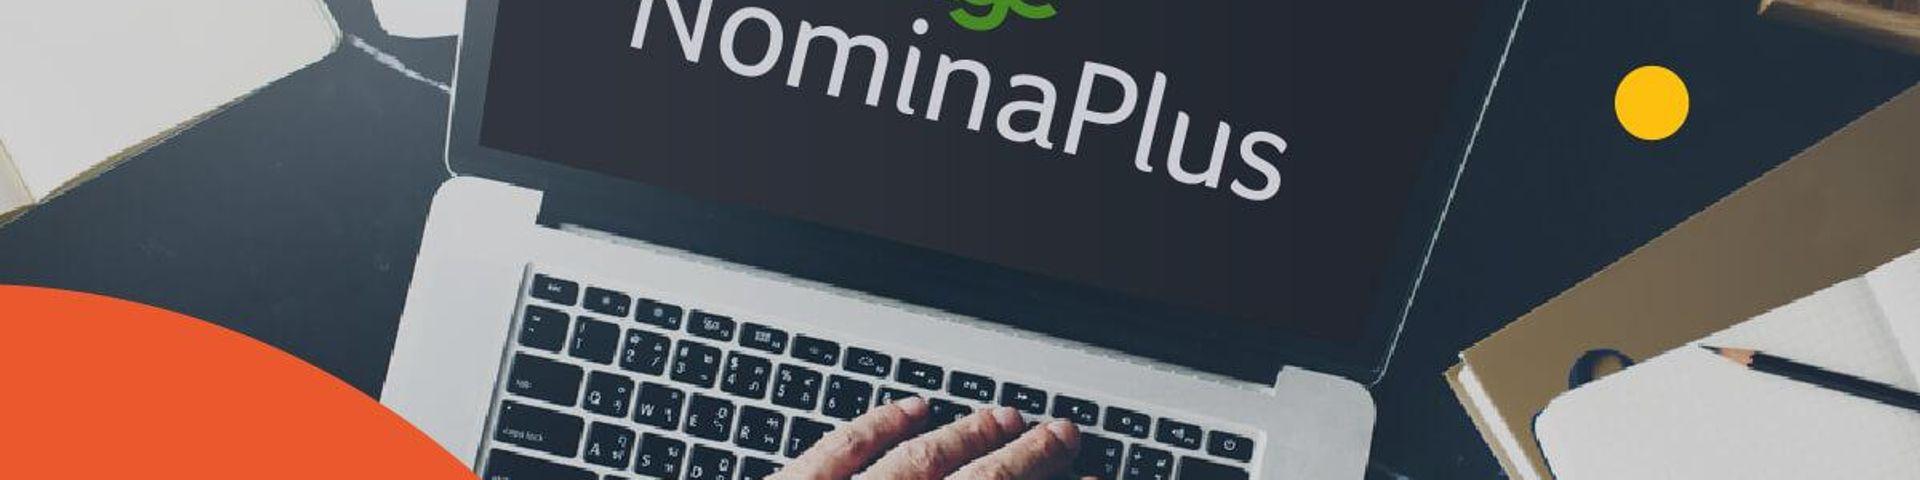 Nominaplus para la gestión de nóminas